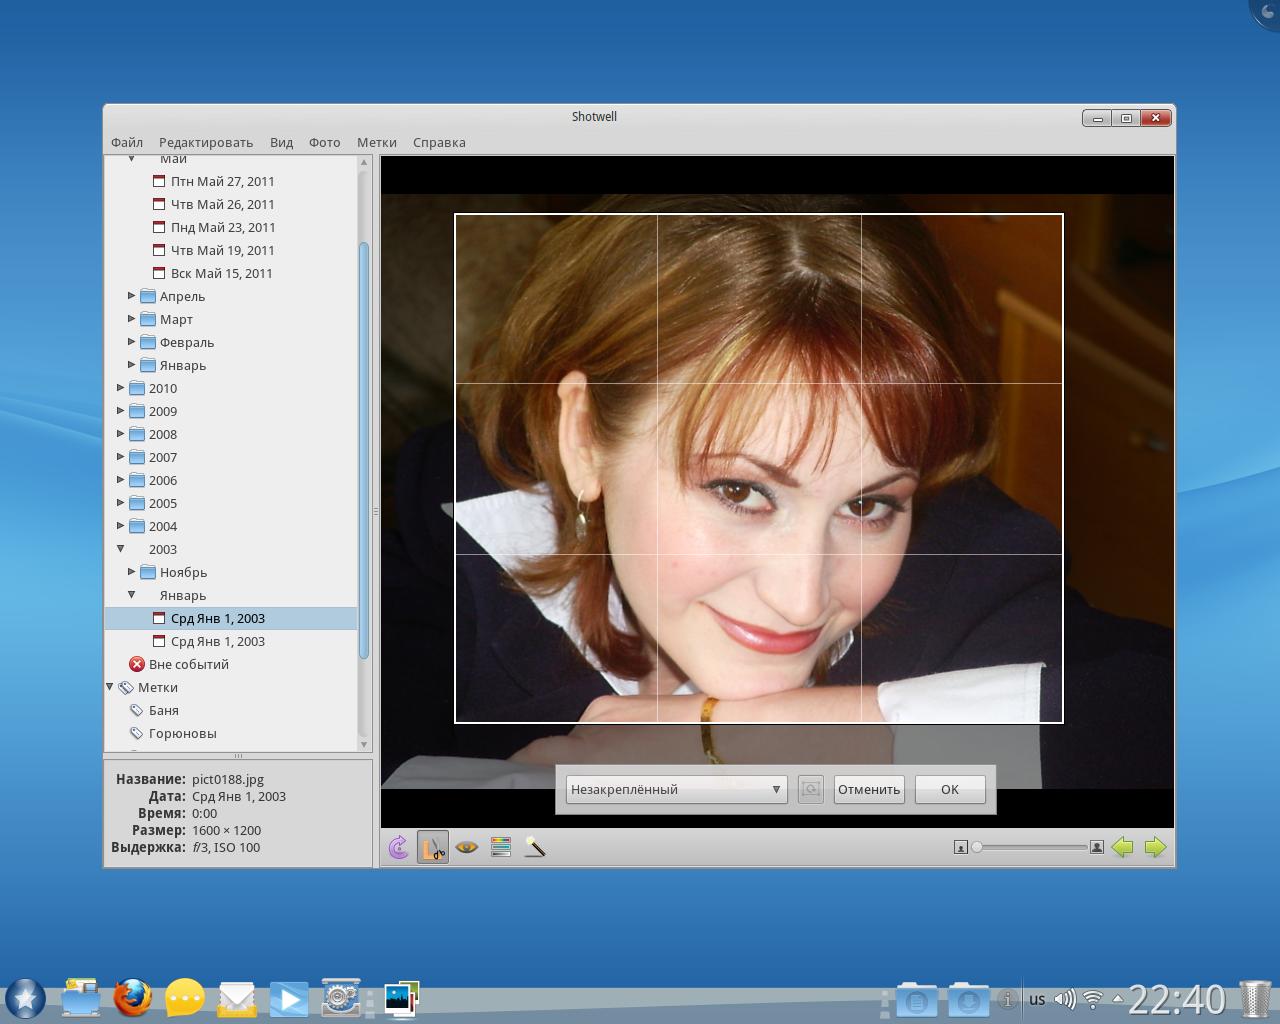 редактировать фото онлайн бесплатно и без регистрации фотошоп